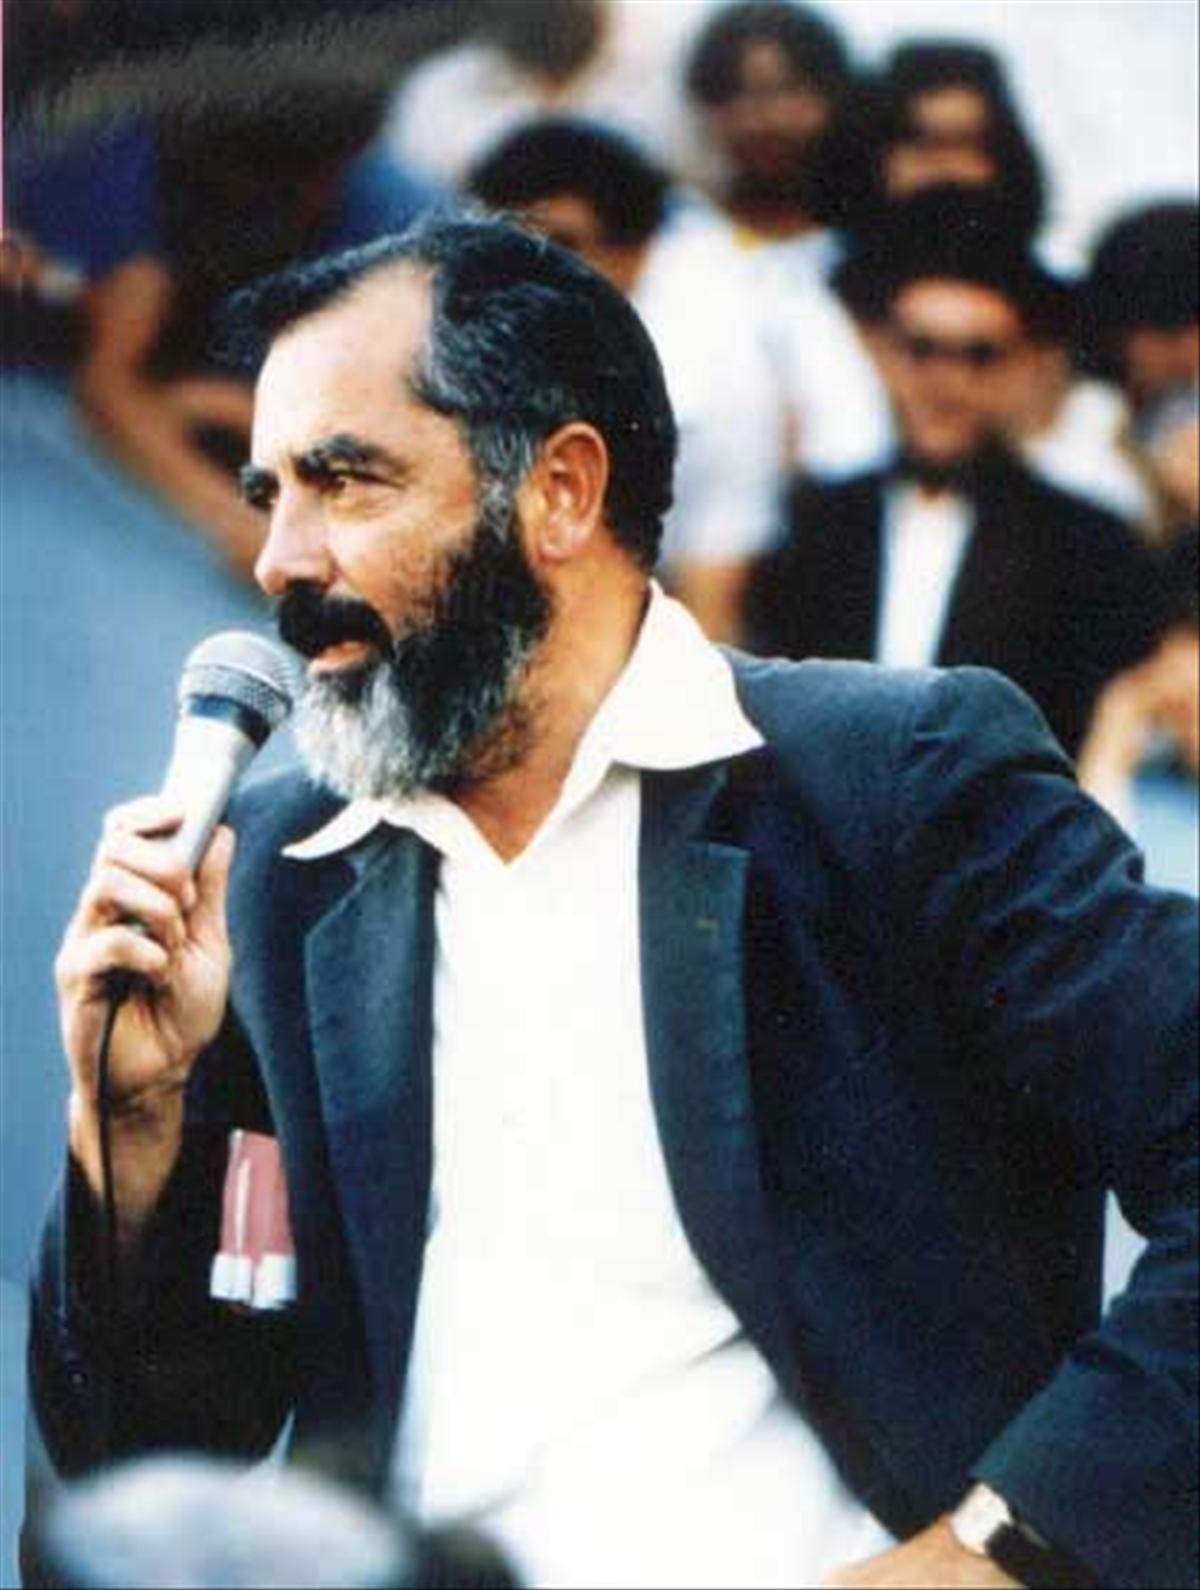 Меир Кахане иудейский расист и фашист,террорист